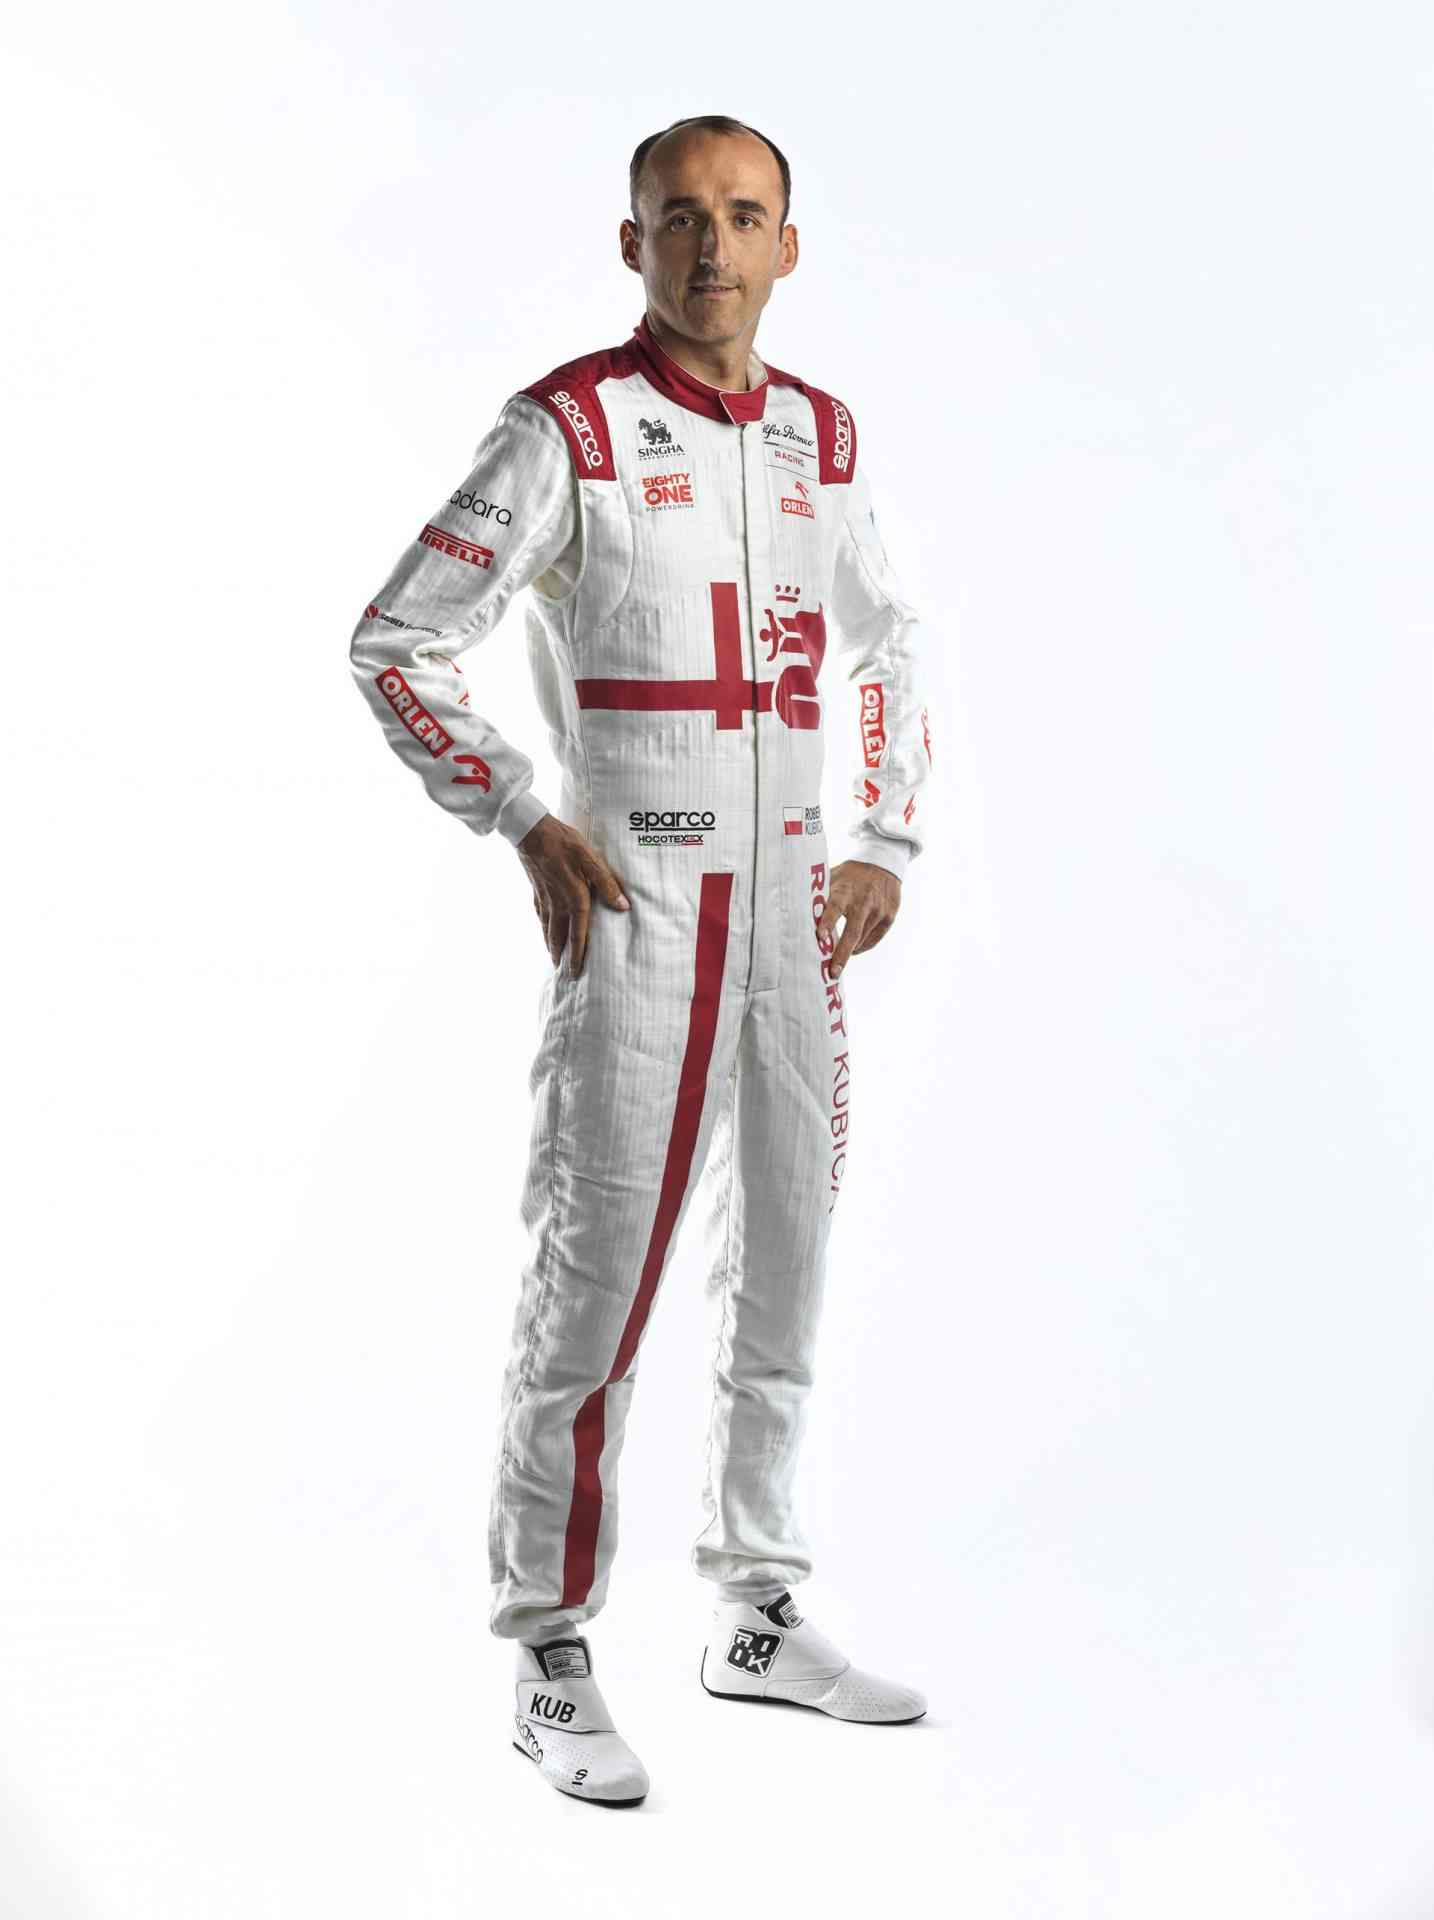 Robert-Kubica-Race-Suit-2